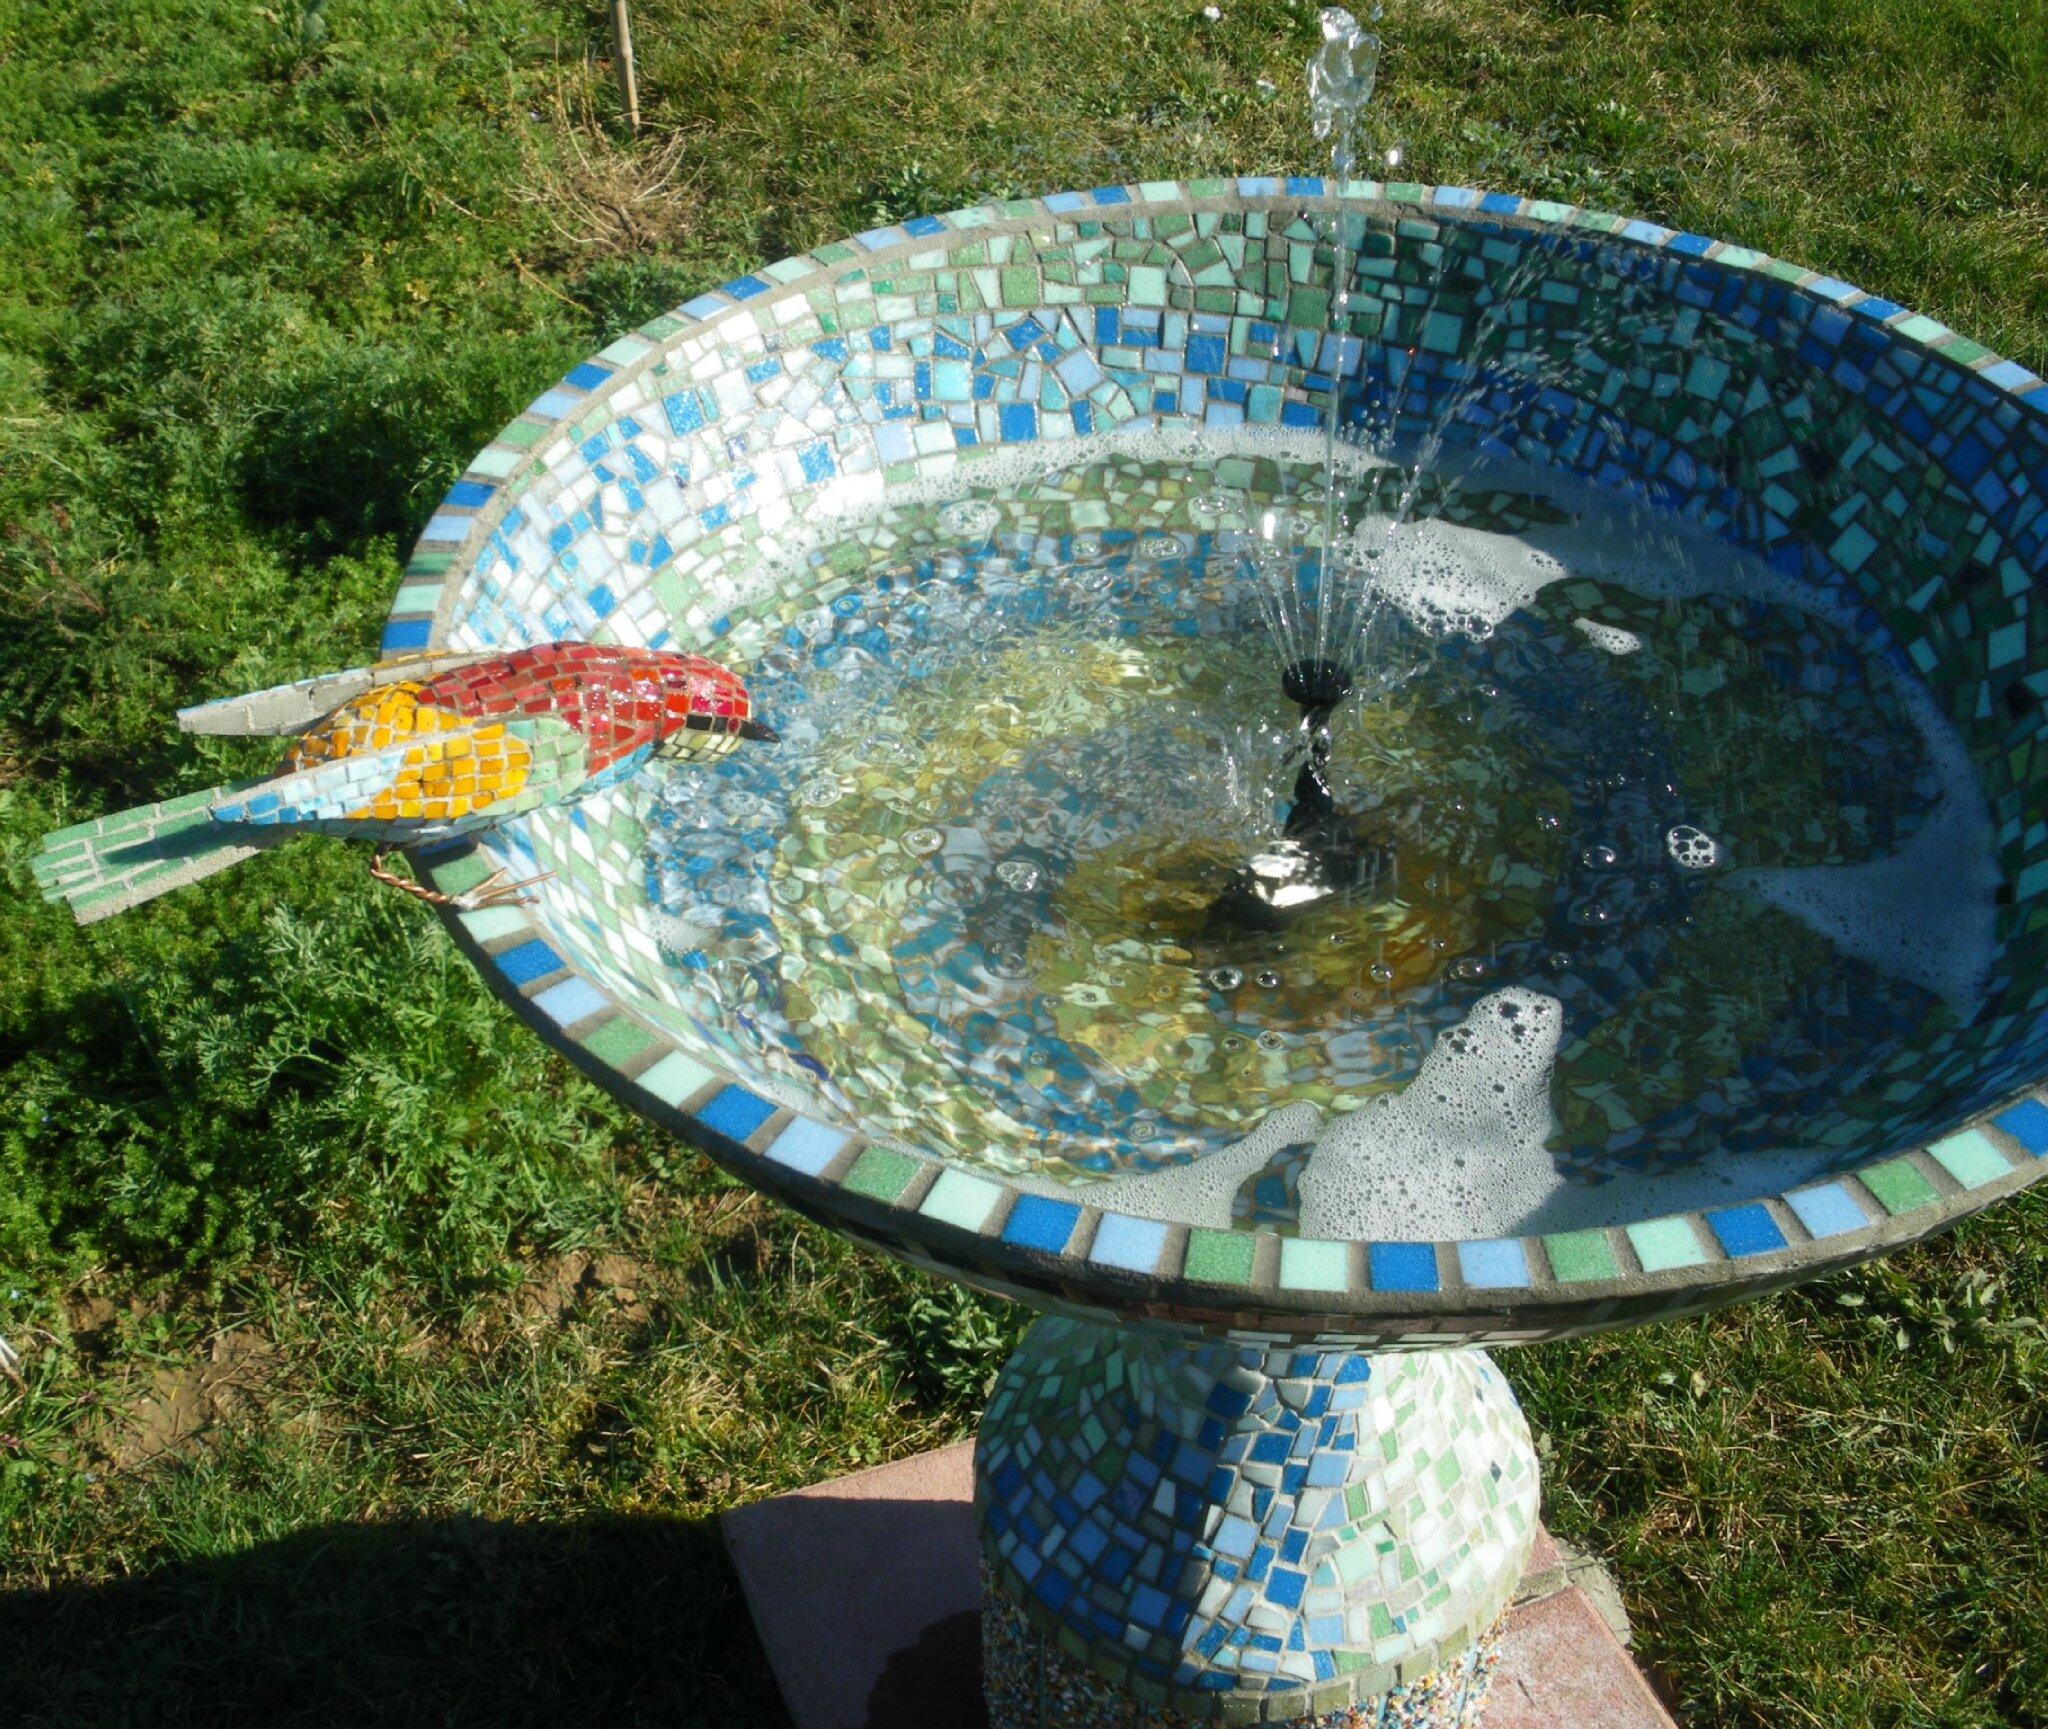 fontaine au guepier s abreuvant